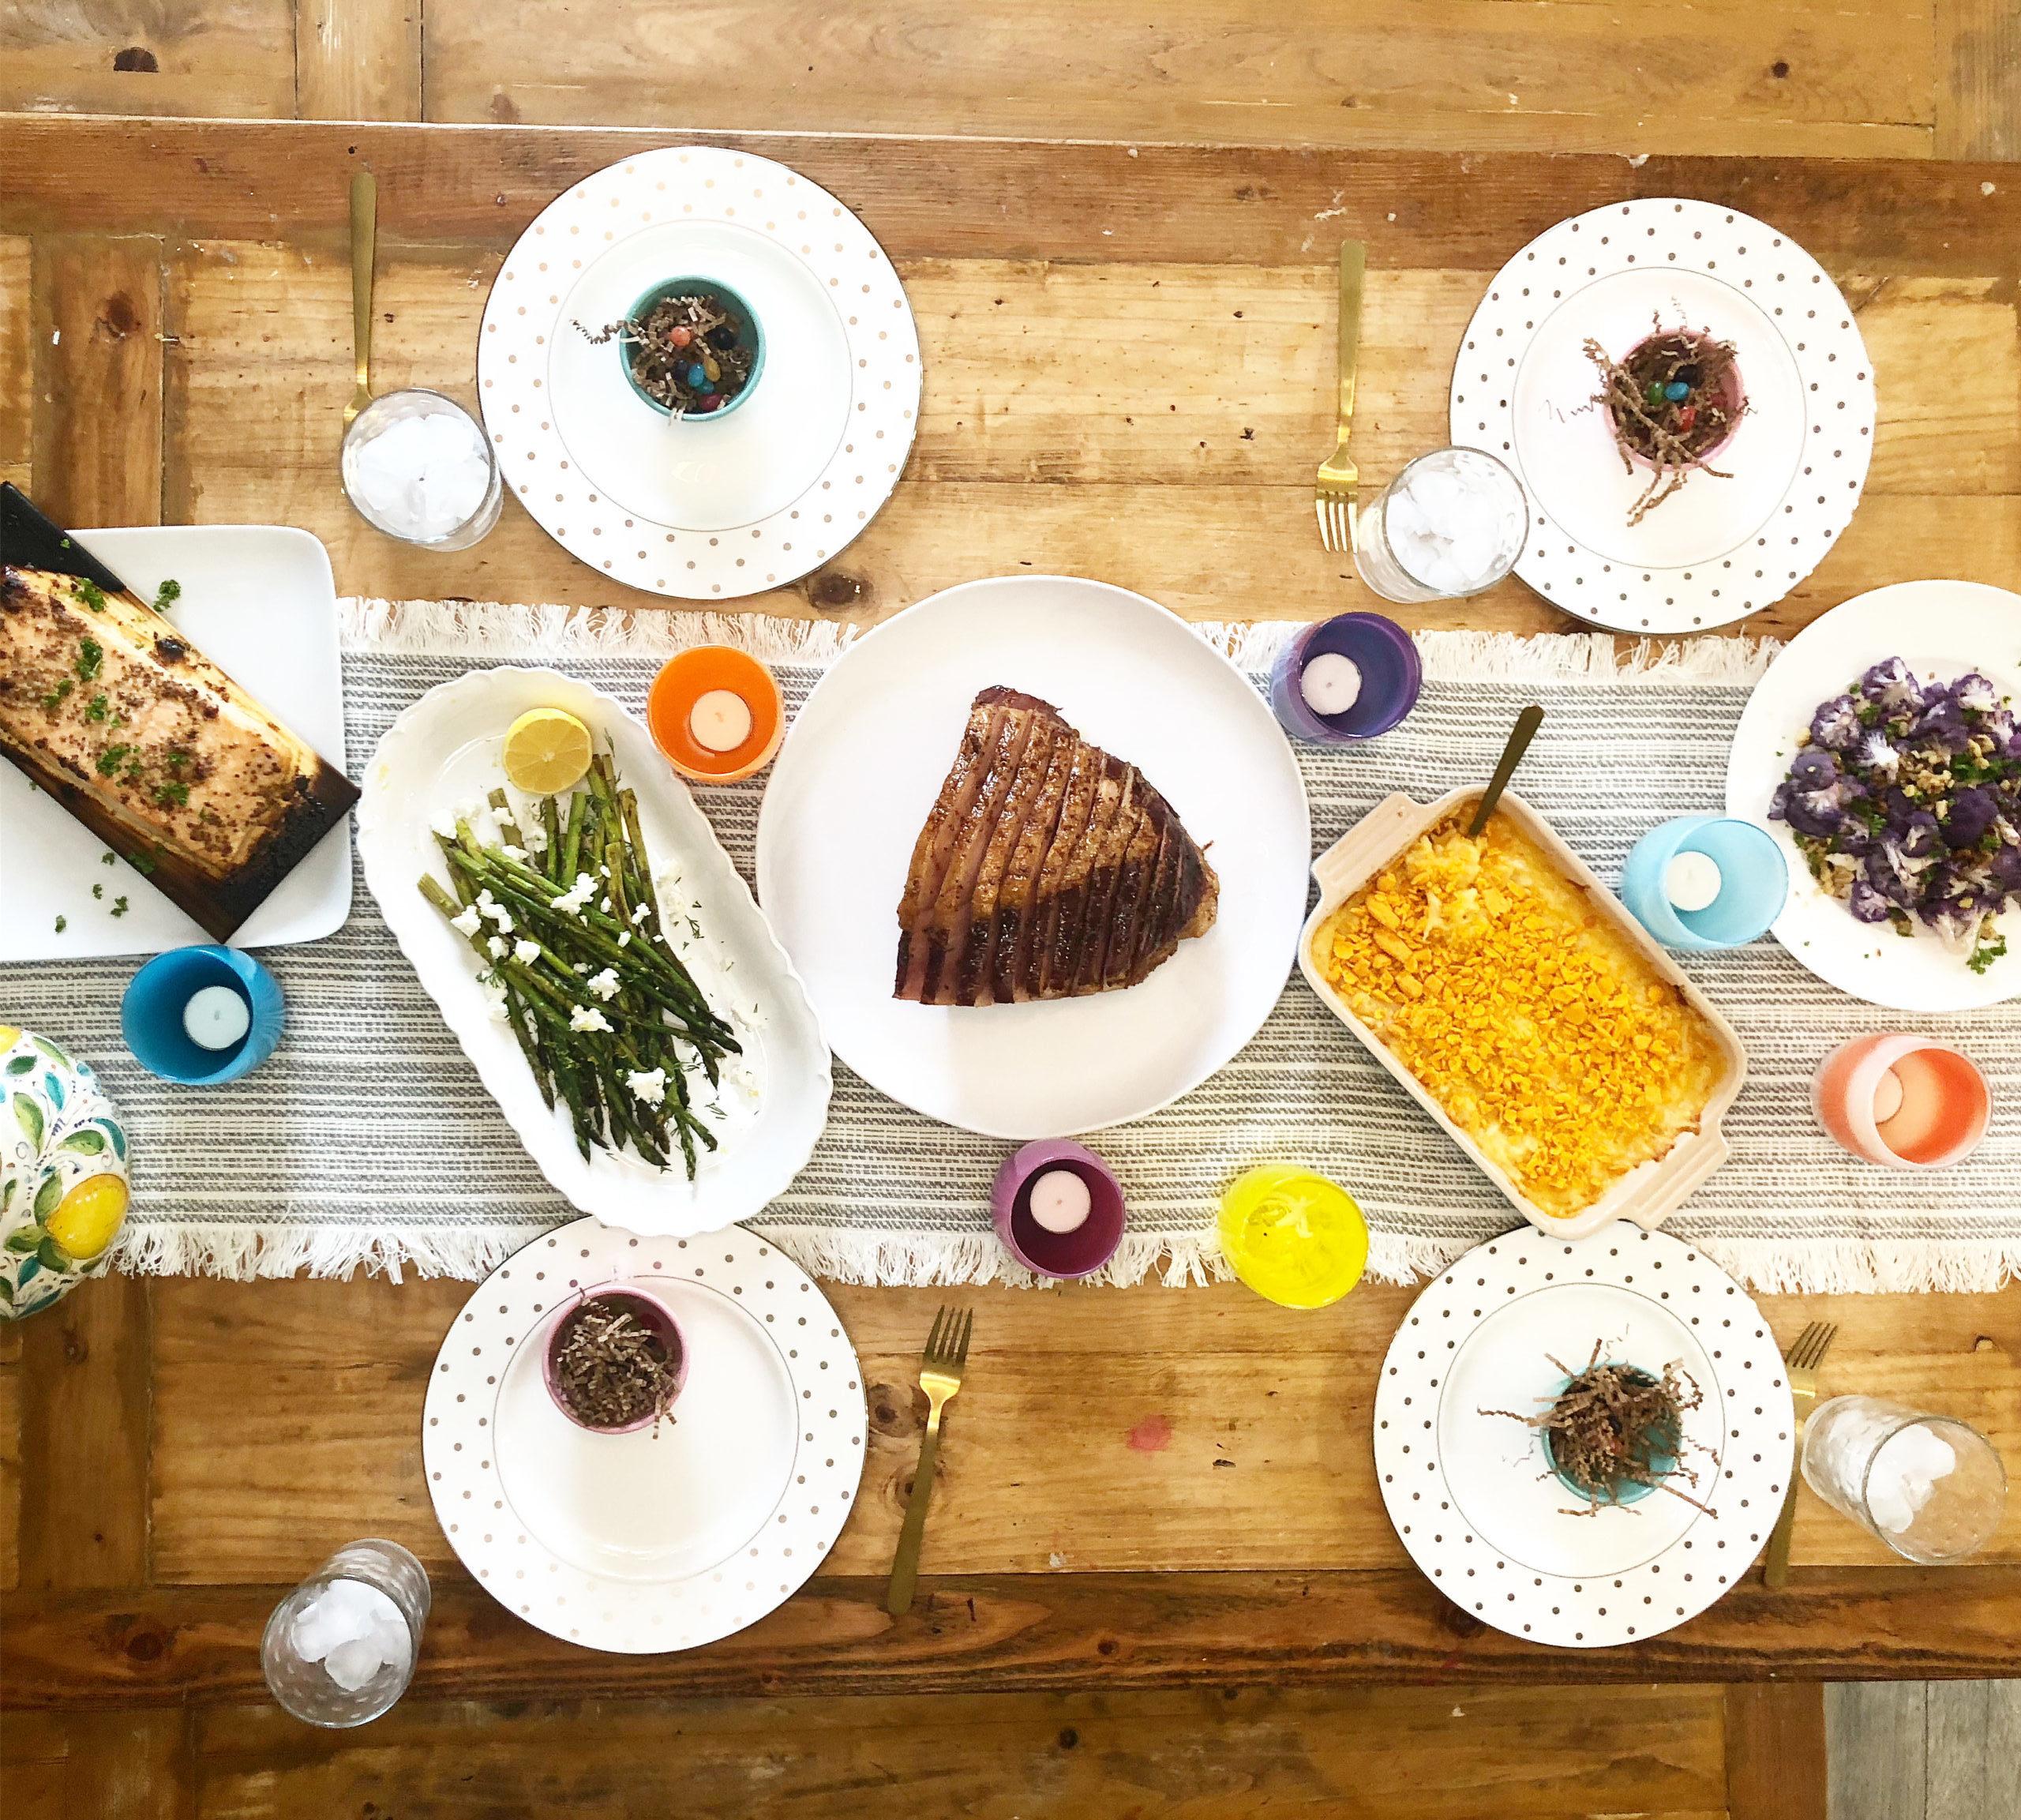 15 Easy Easter Dinner Recipes